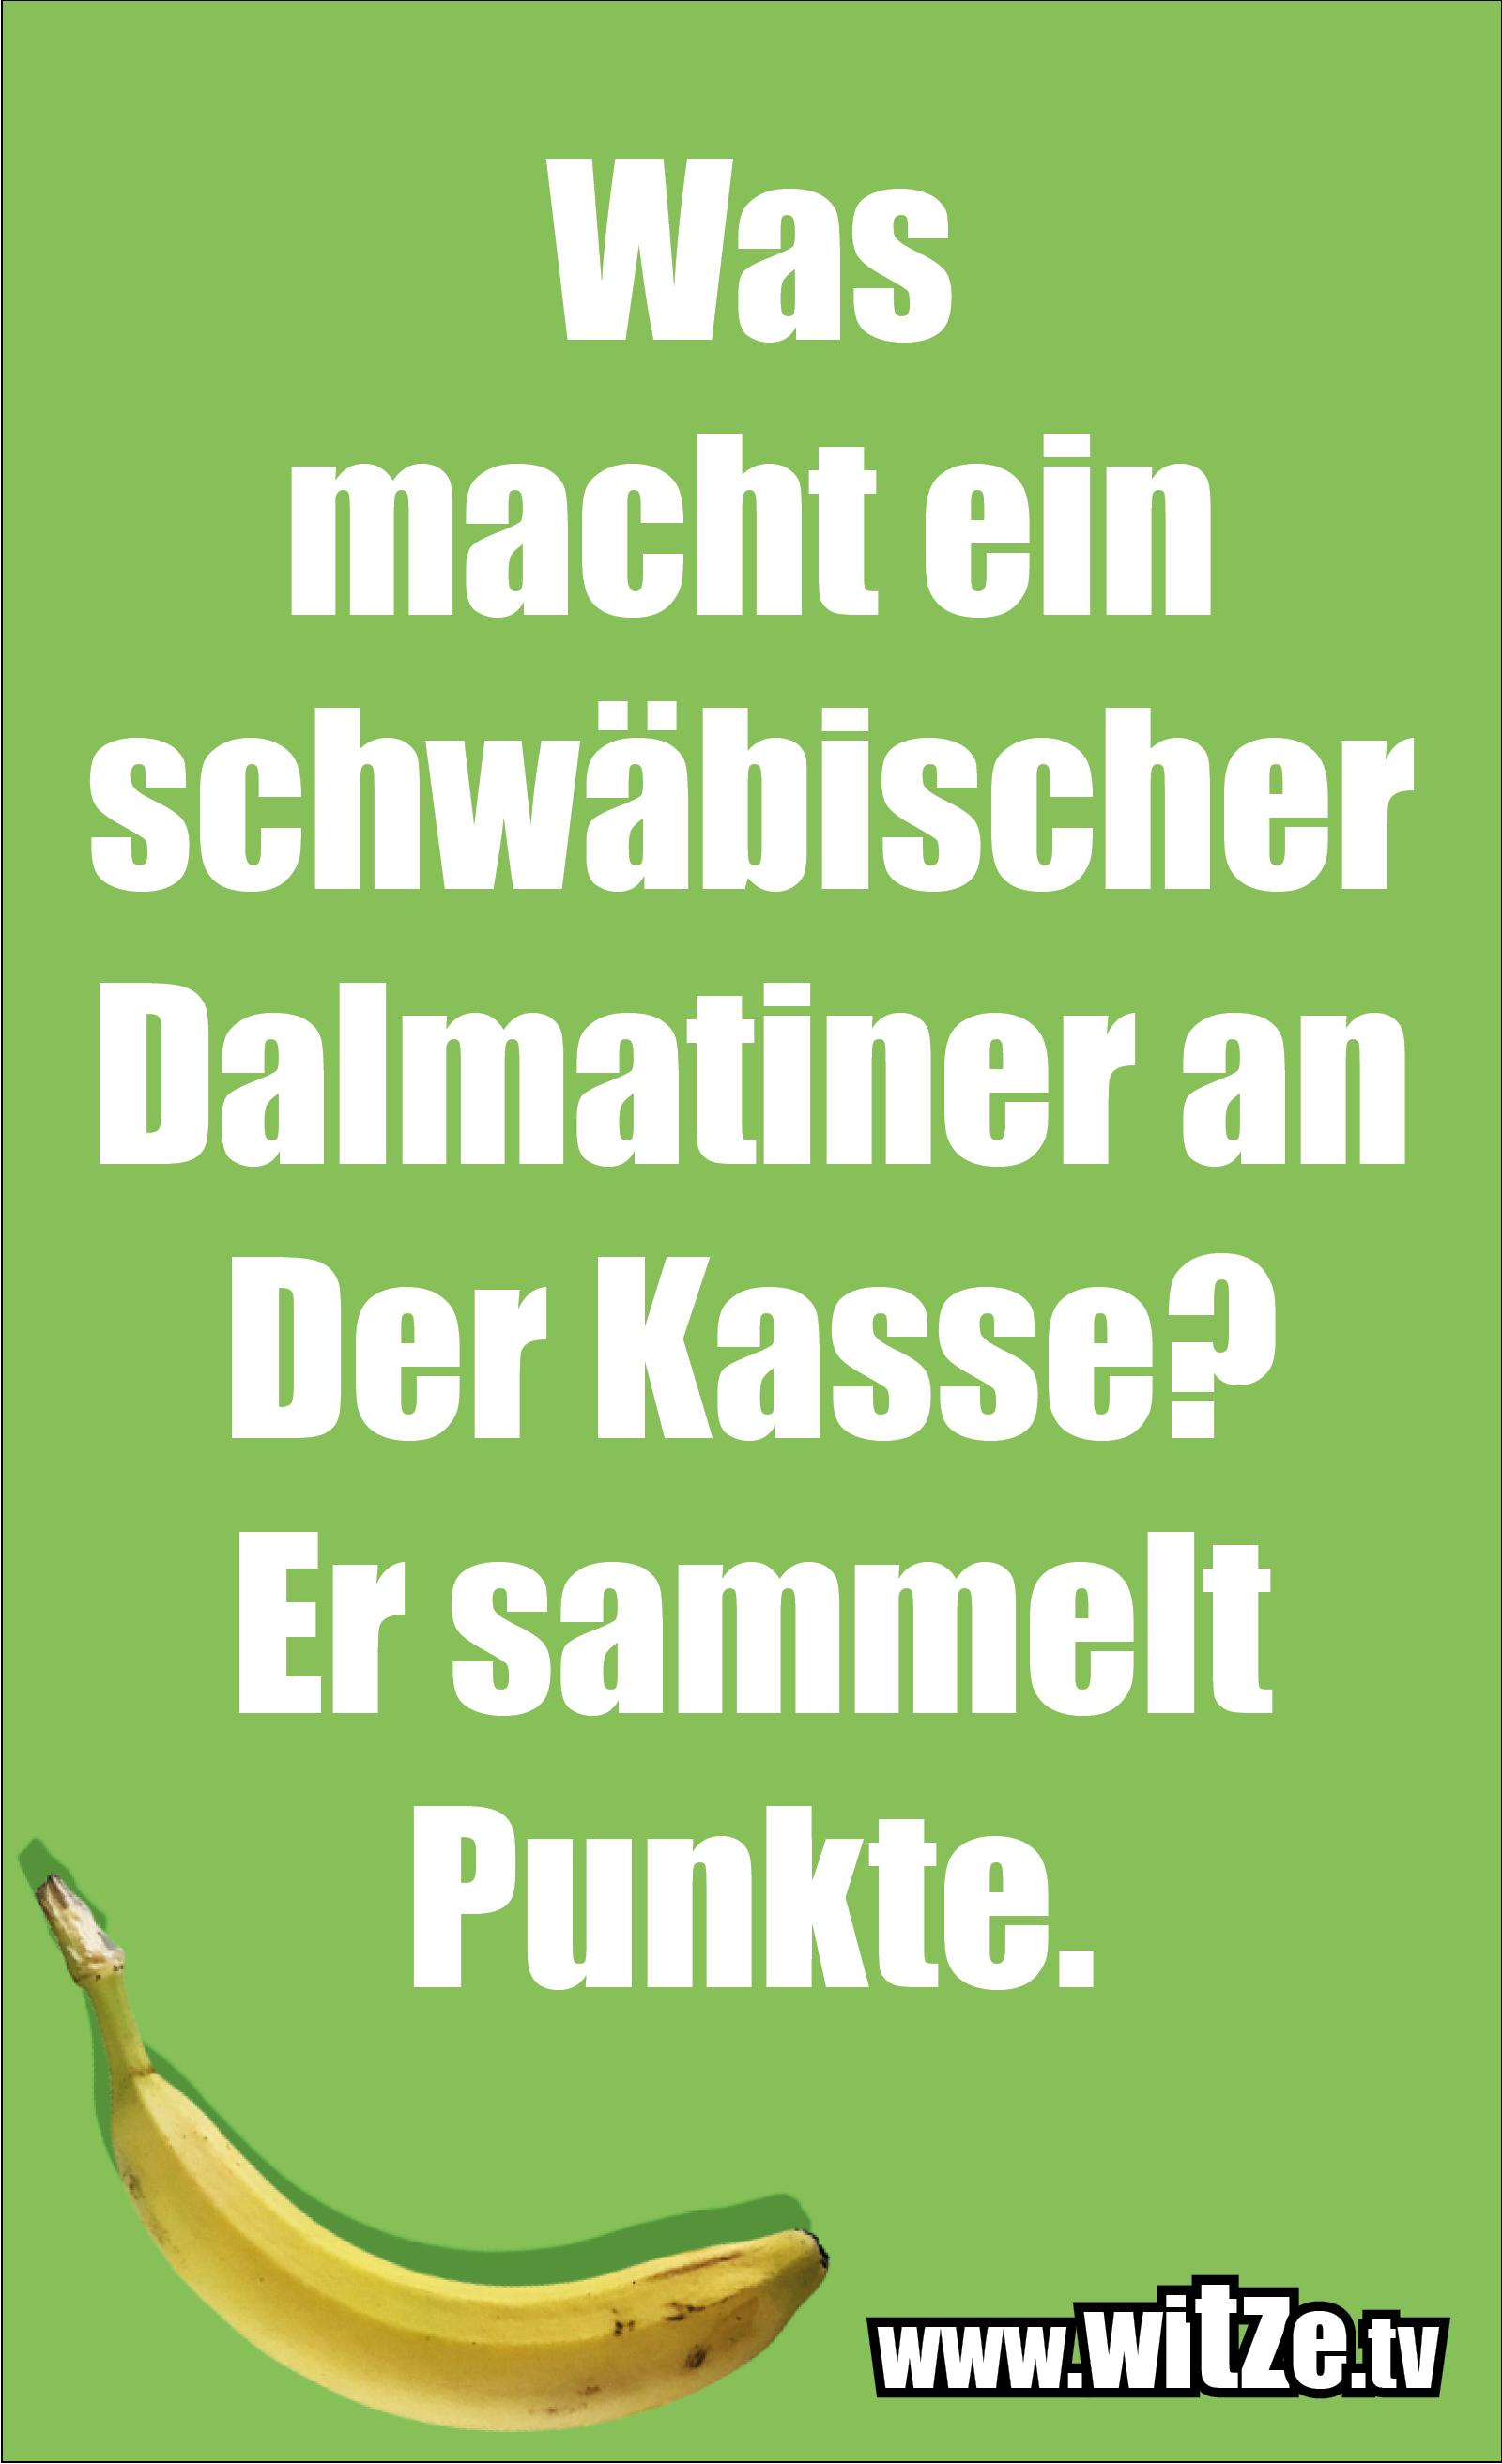 Schwaben Witz… Was macht ein schwäbischer Dalmatiner an Der Kasse? Er sammelt Punkte.